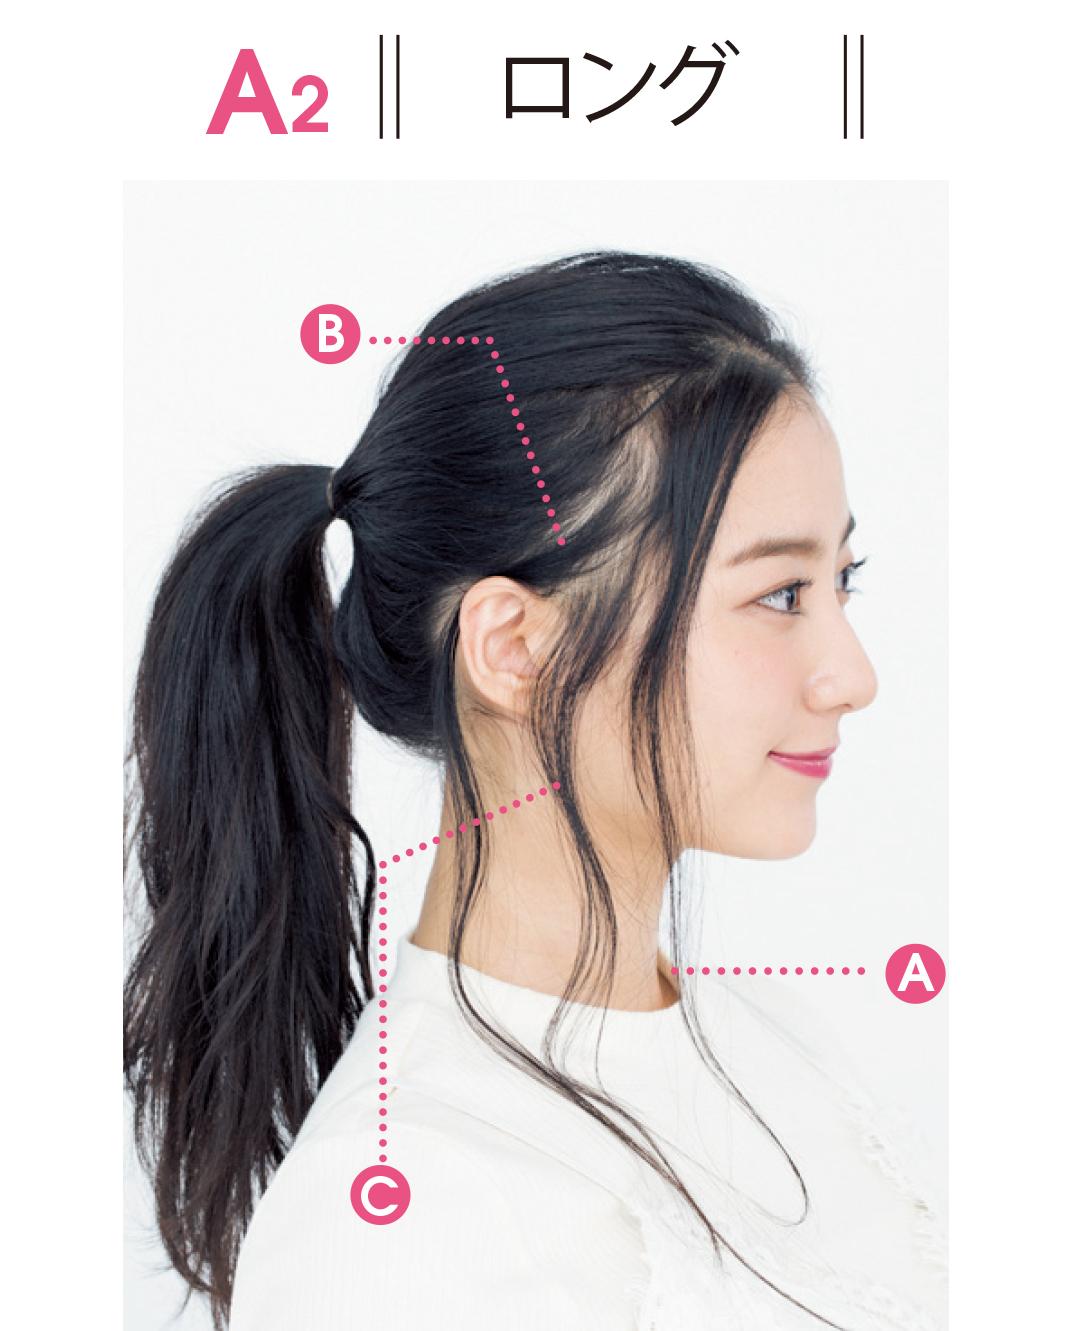 ミディアム&ロングの簡単一つ結びアレンジ★後れ毛を出す位置が違うって知ってた?_1_3